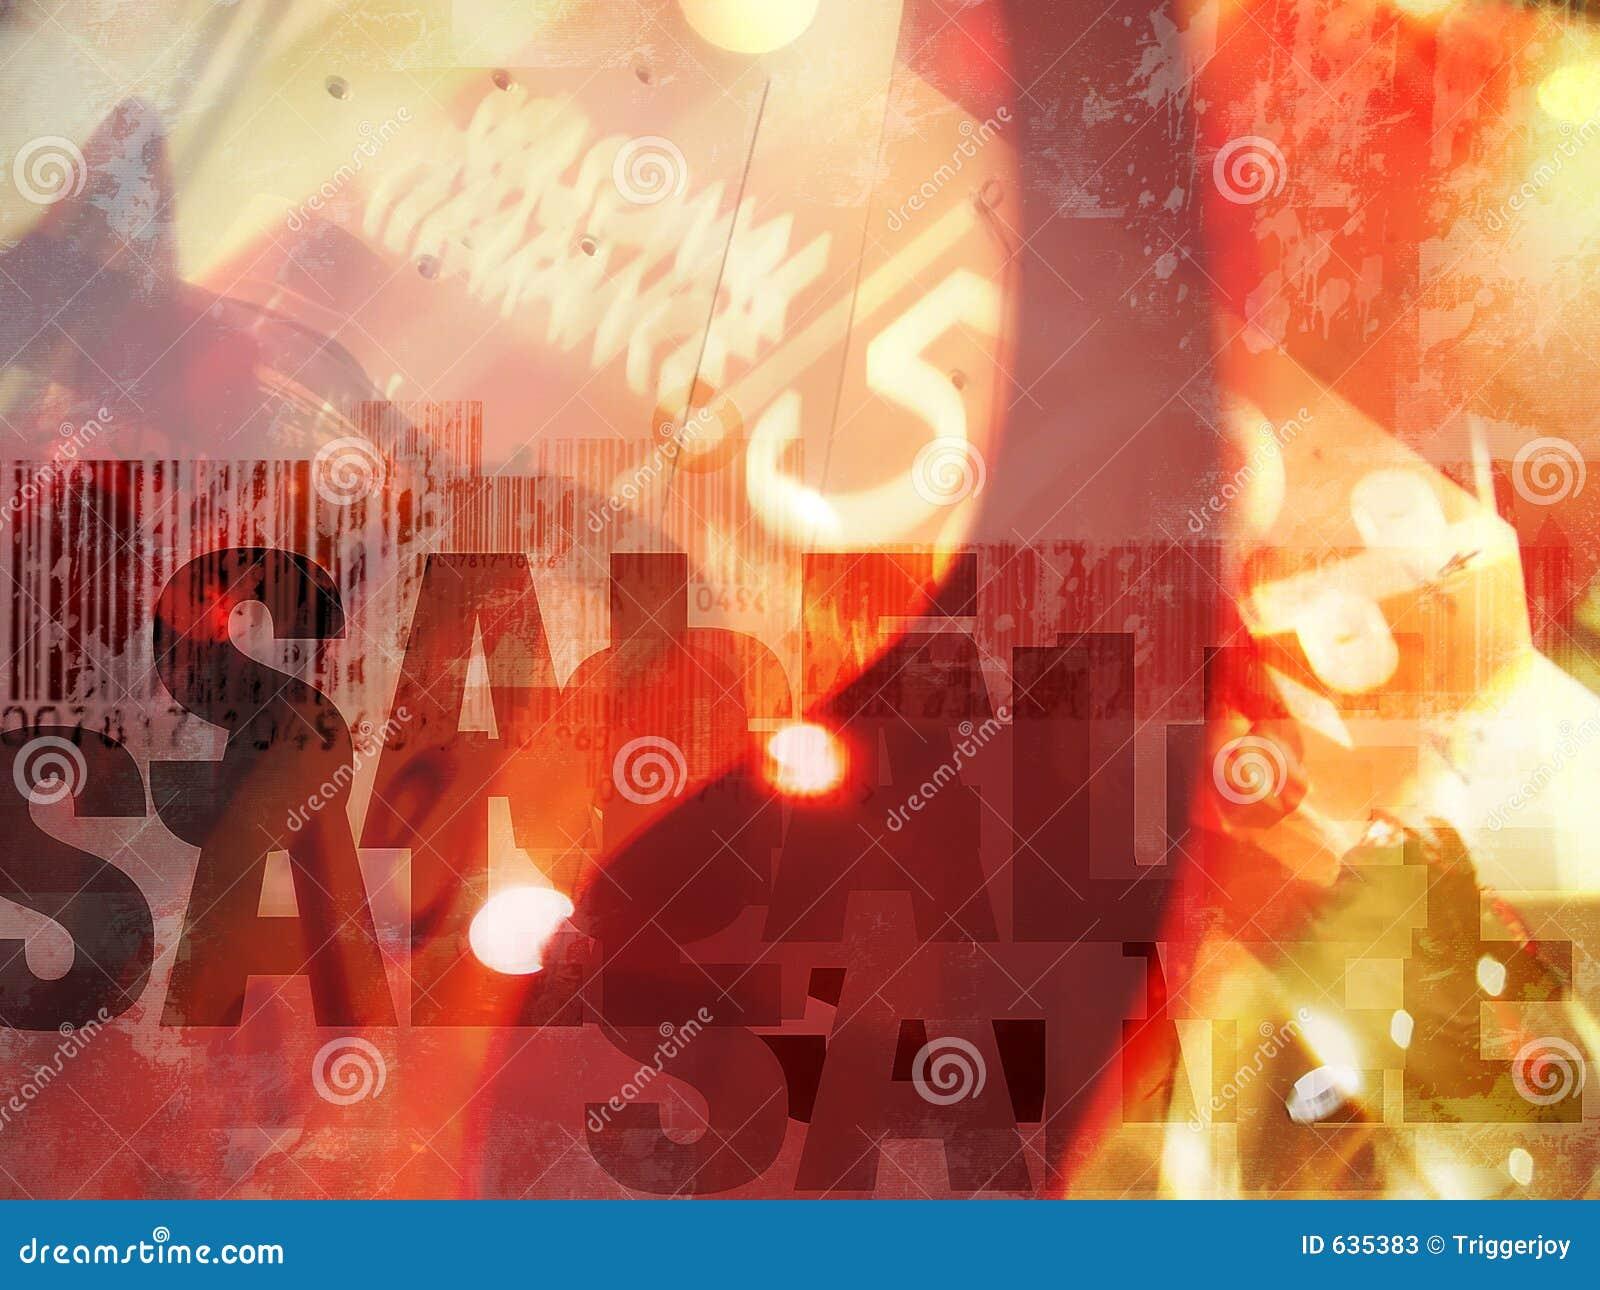 Download сбывание торговой сделки иллюстрация штока. иллюстрации насчитывающей текстурно - 635383